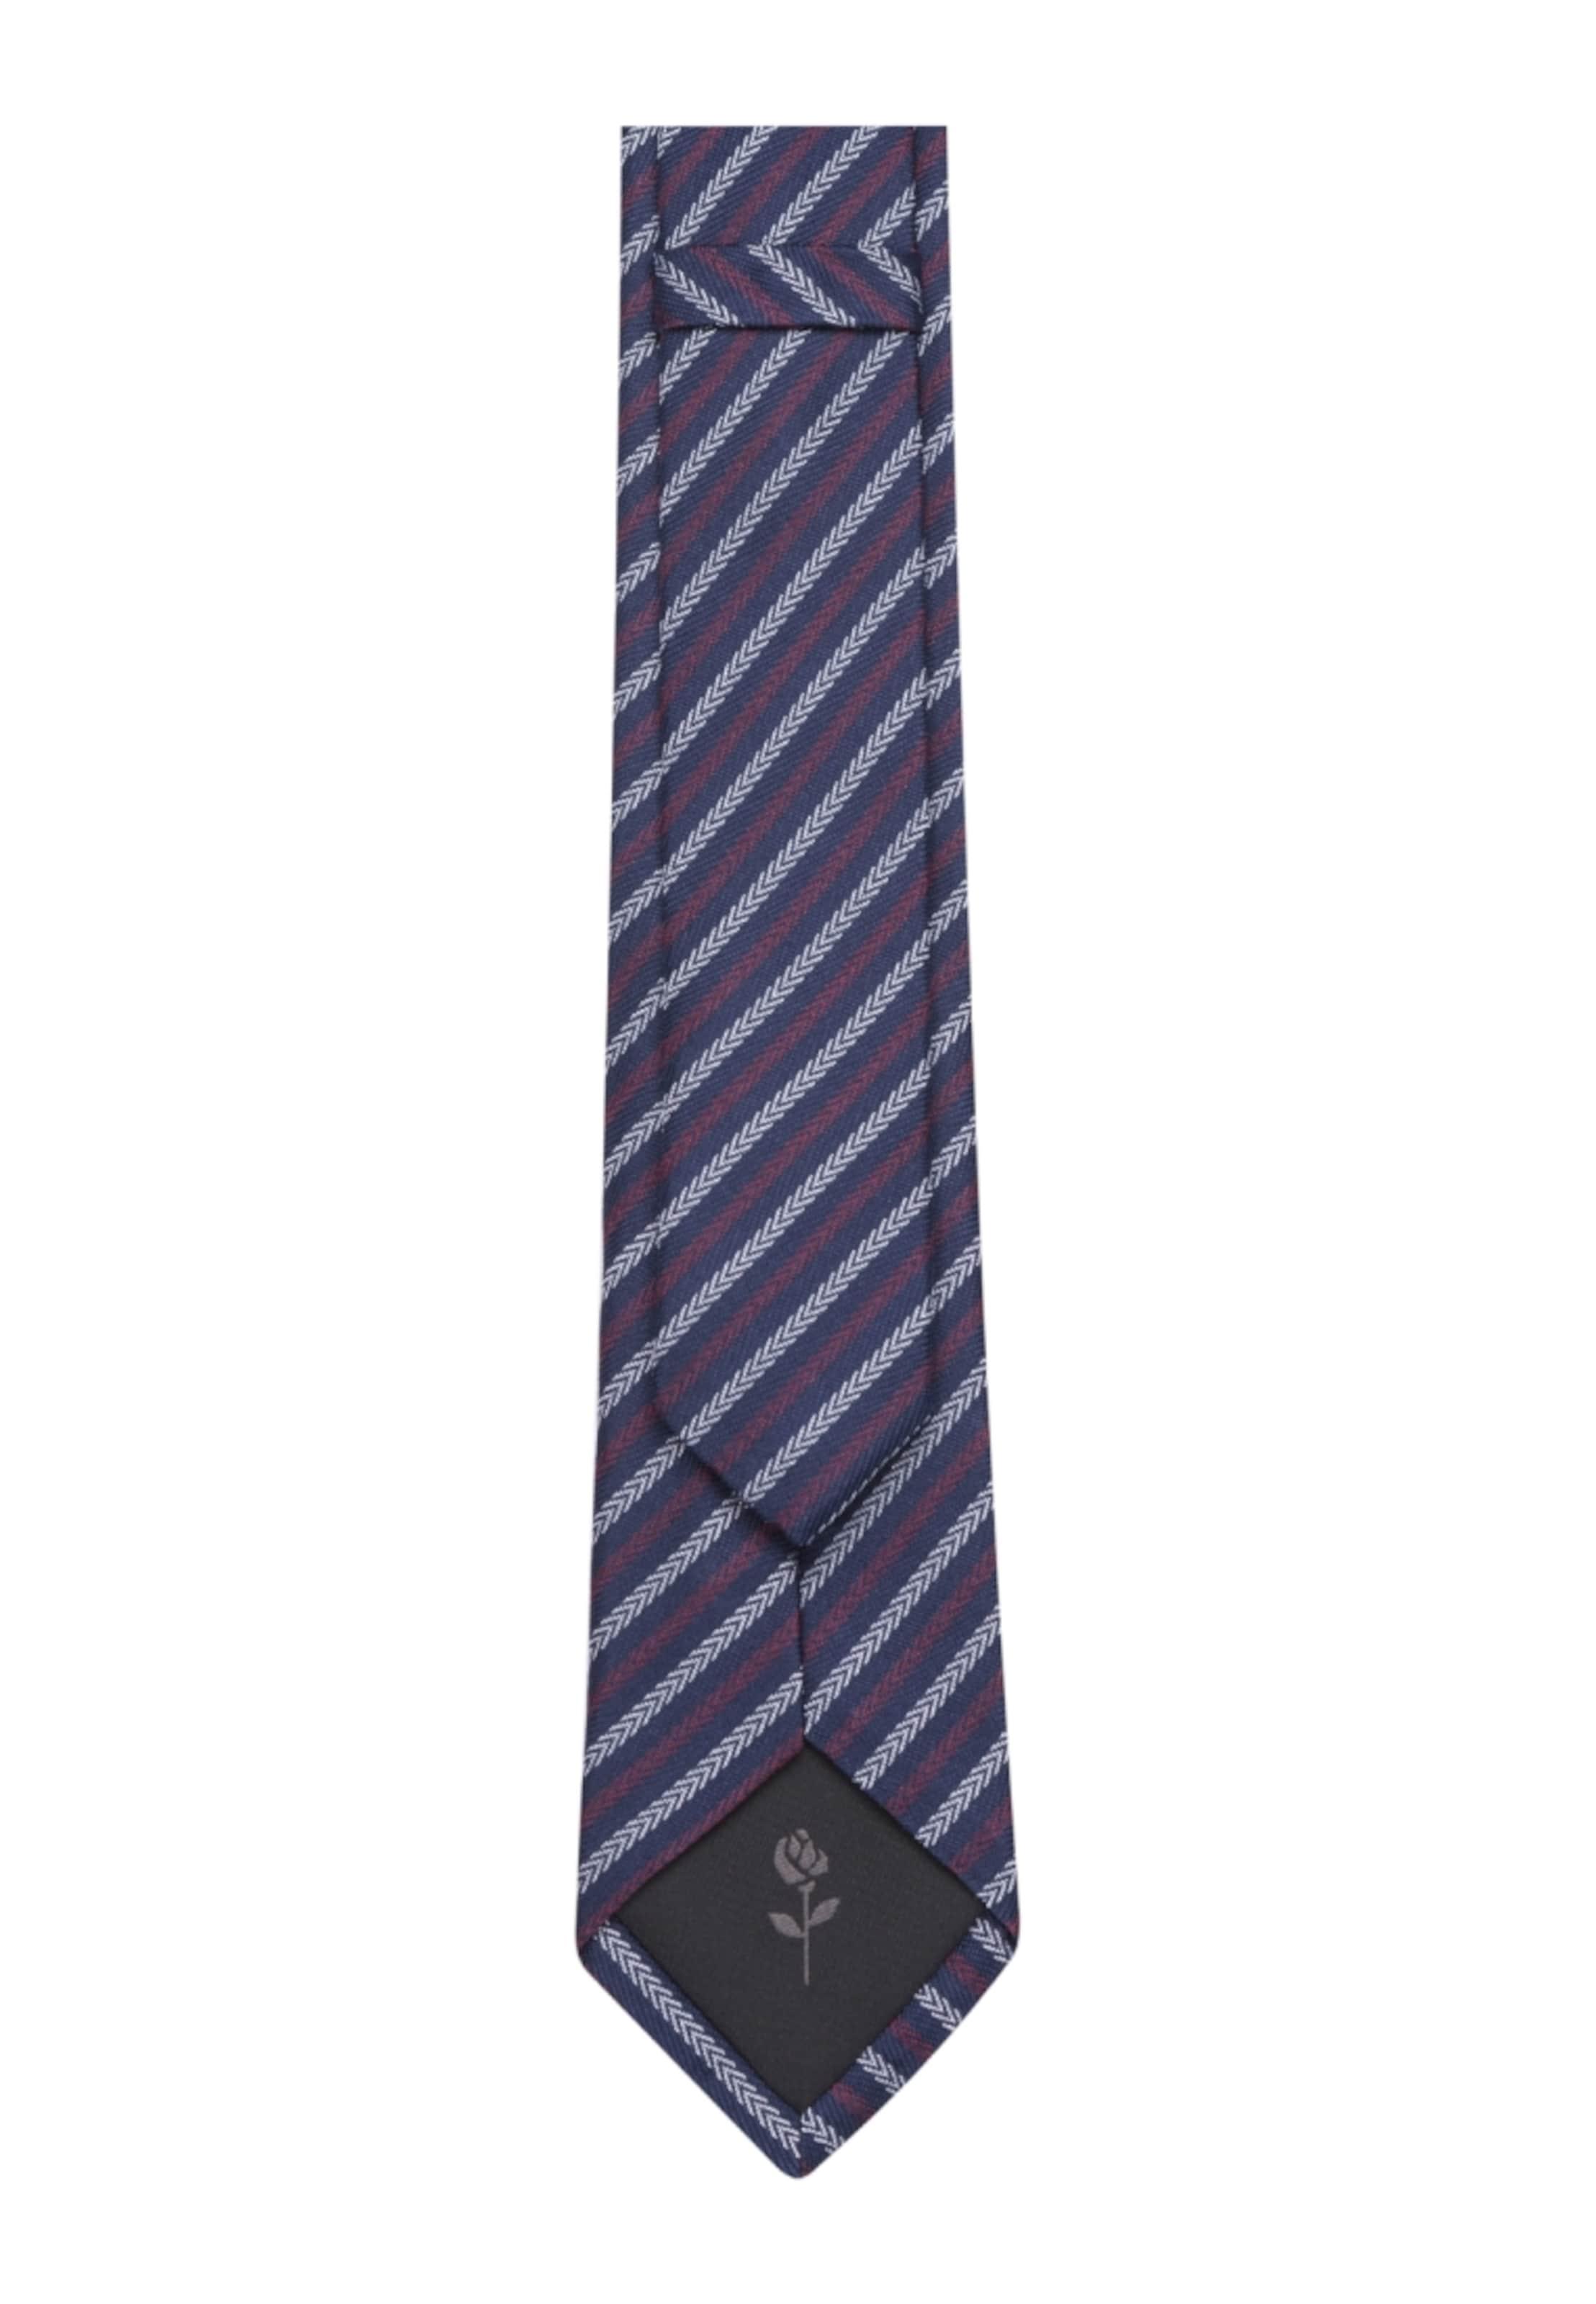 Auslass Niedrig Versandkosten SEIDENSTICKER Krawatte 'Schwarze Rose' Zum Verkauf 2018 epGIK